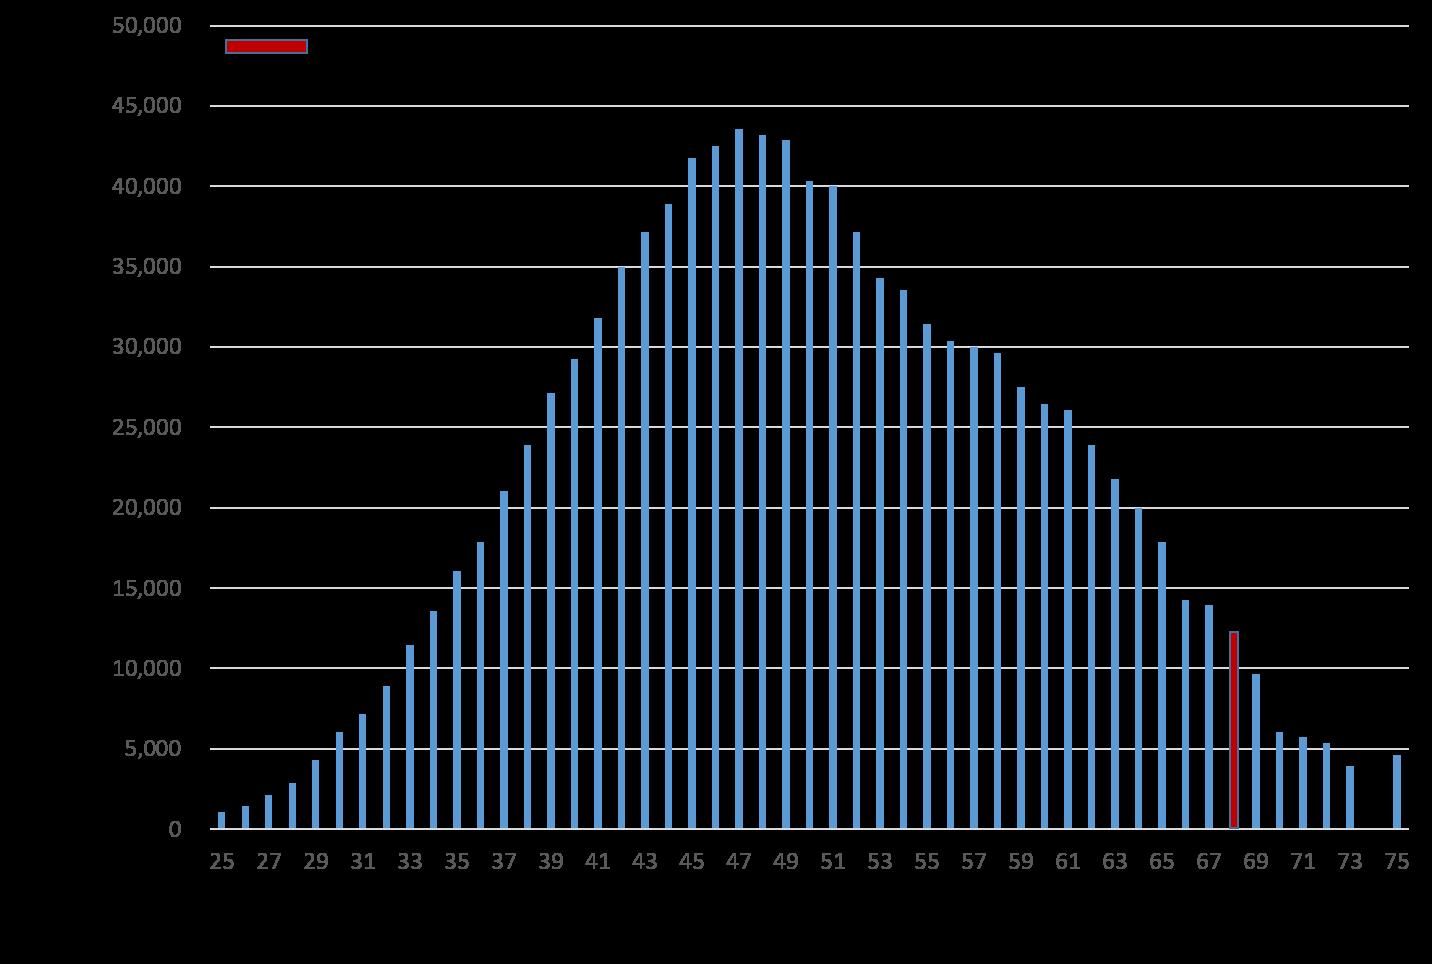 中小企業経営診断システム診断結果グラフ